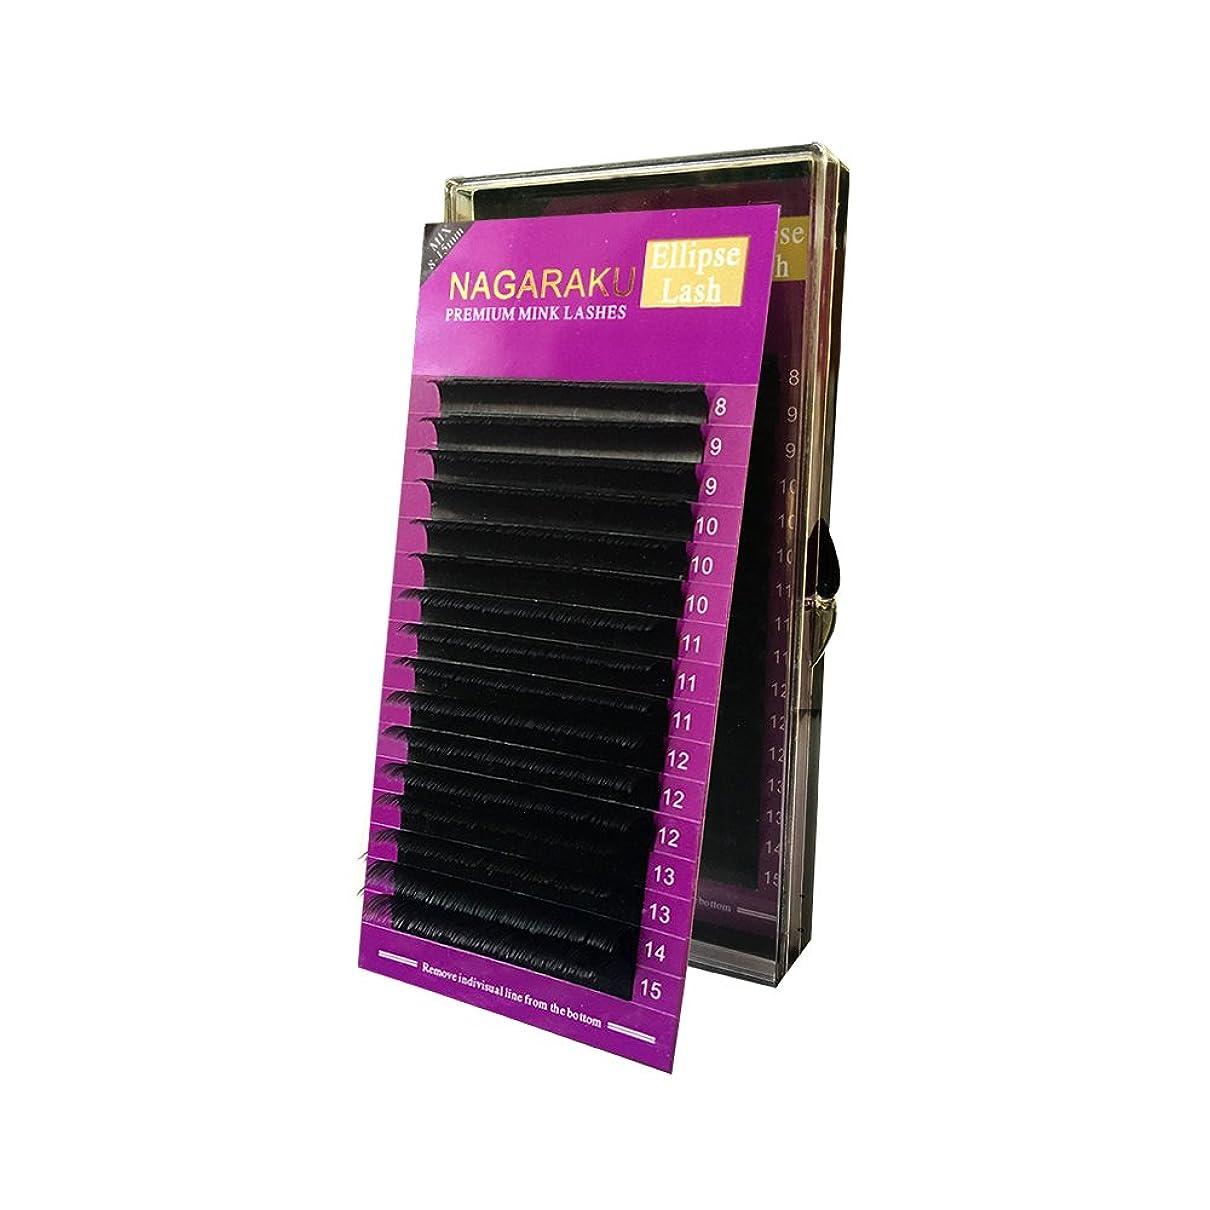 持参資本主義いっぱいNAGARAKU 0.15mm,C curl,mix 8~15mm in one case, Ellipse Flat False Eyelash Extension,flat mink eyelashes,Ellipse eyelashes